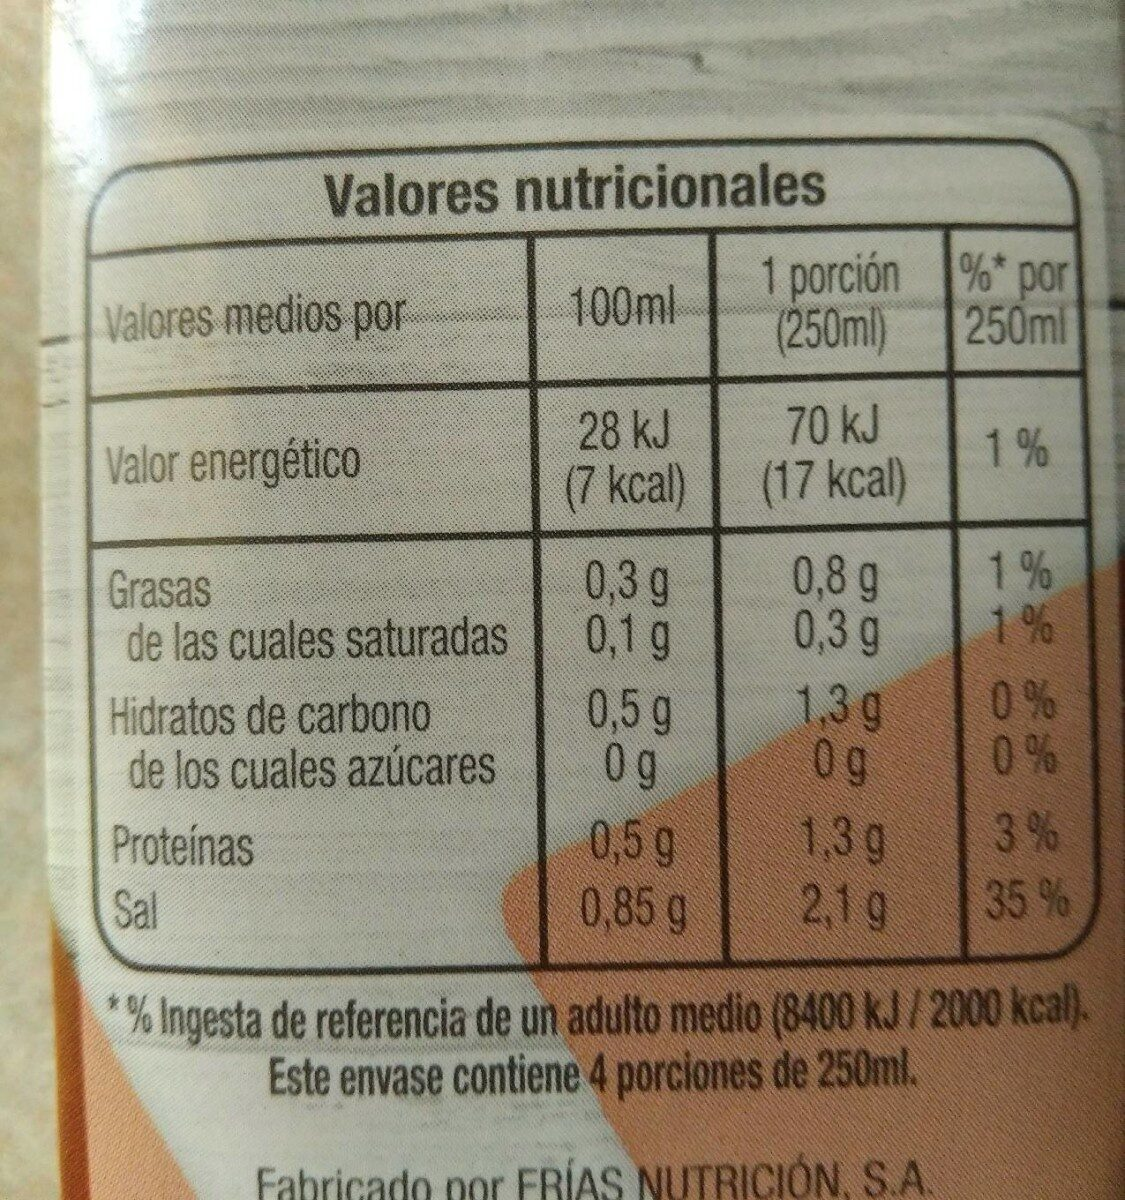 Caldo de cocido - Informació nutricional - es